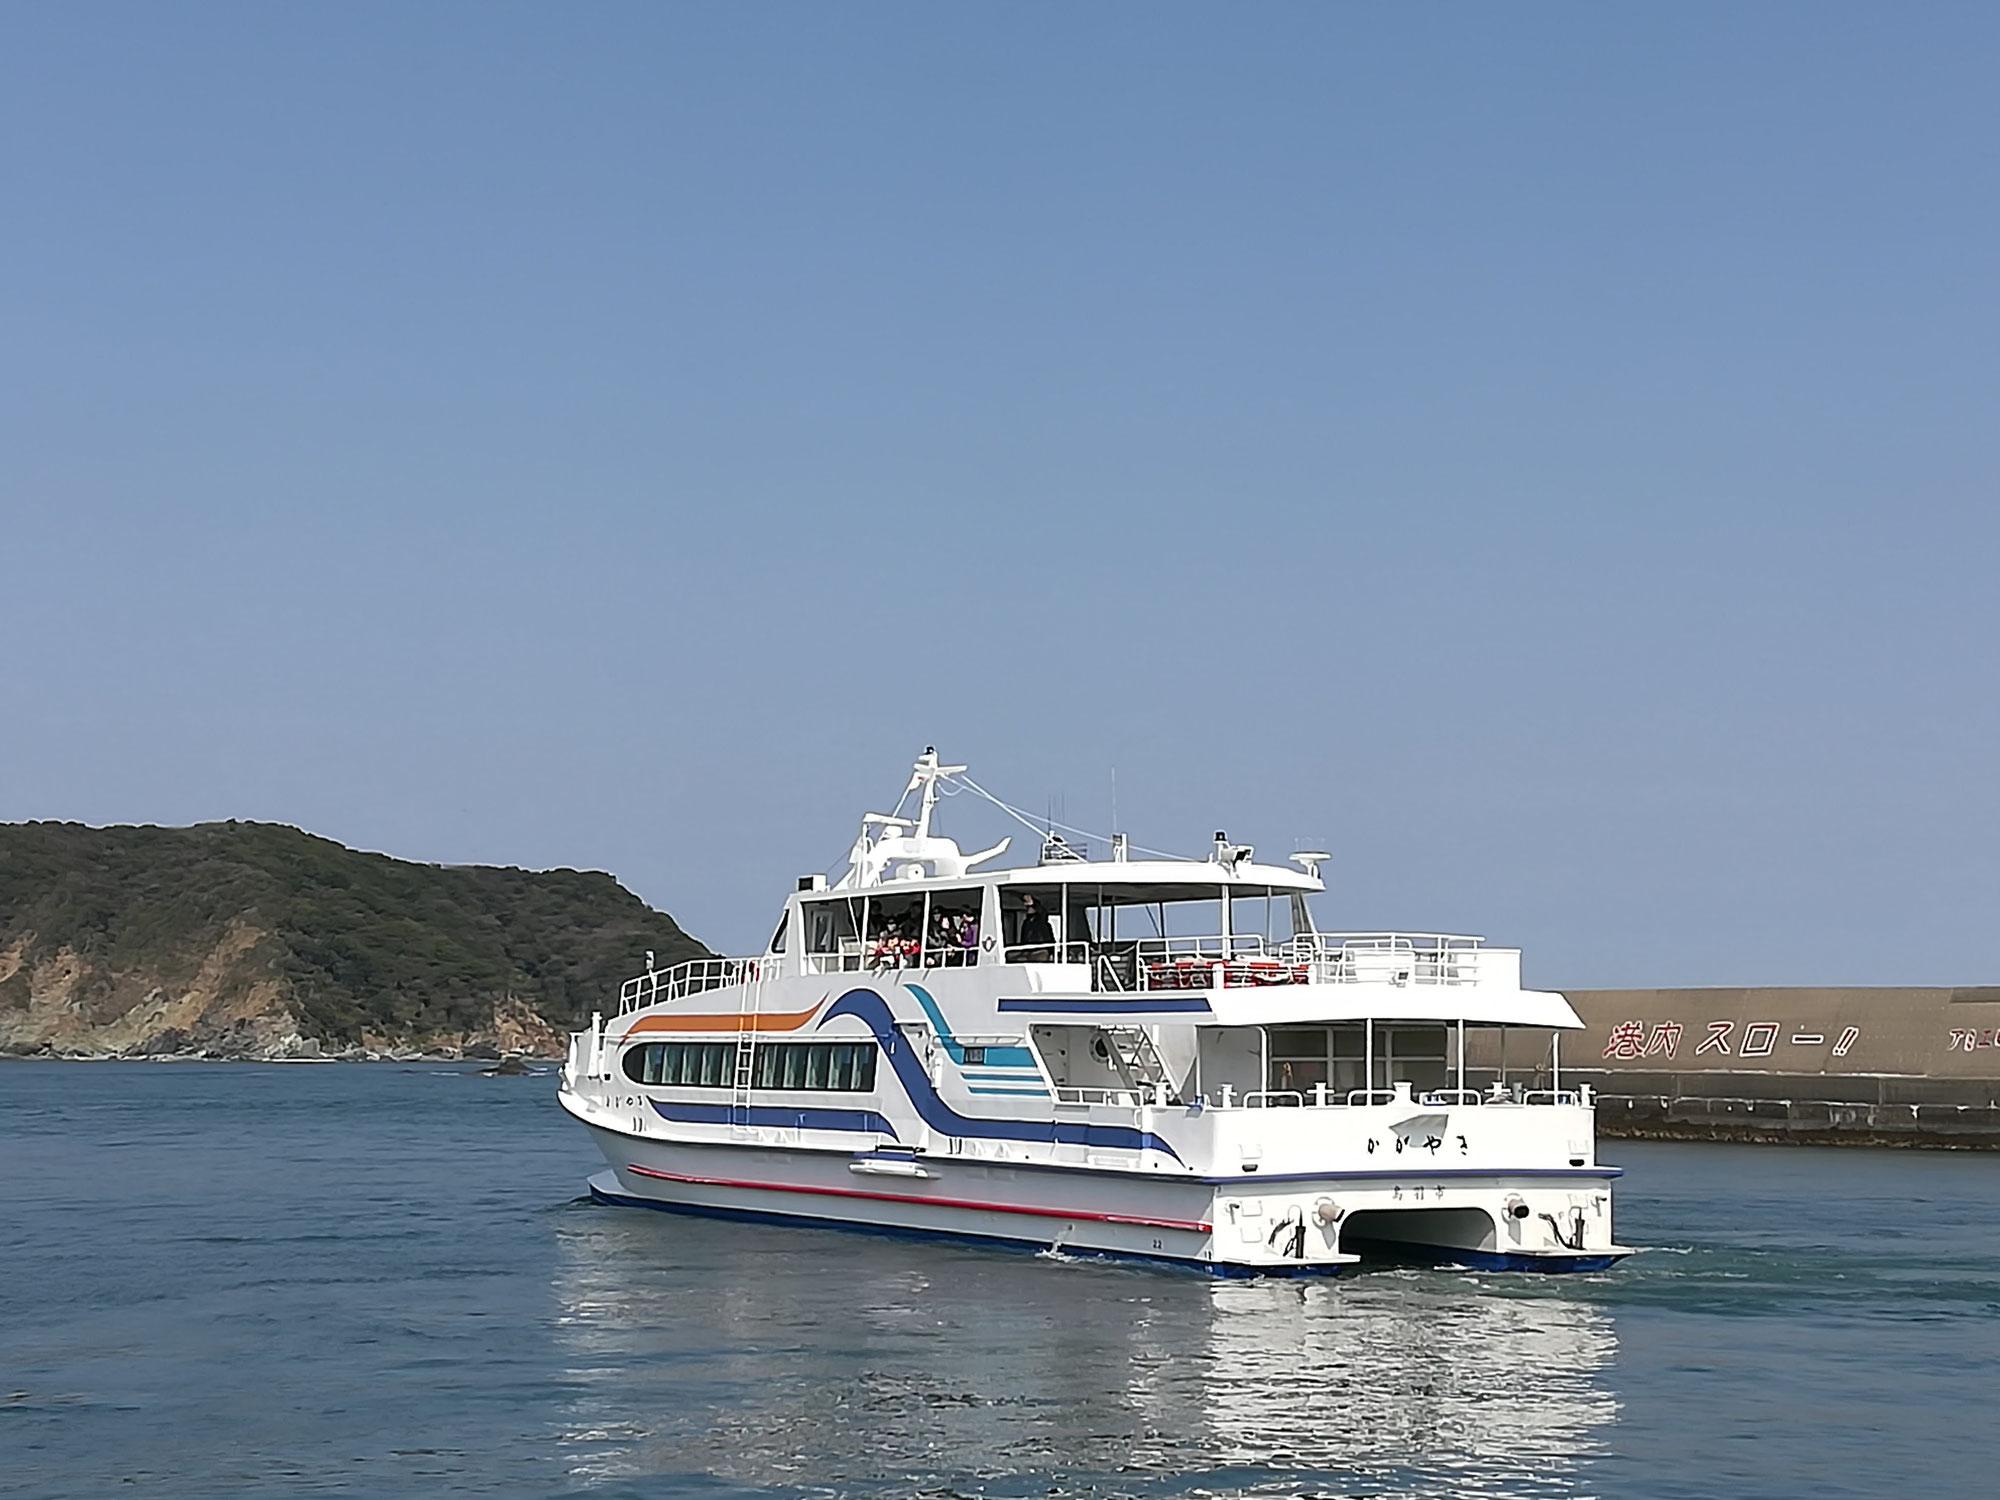 159 いがちゃんの船通勤 Go to work by ferry